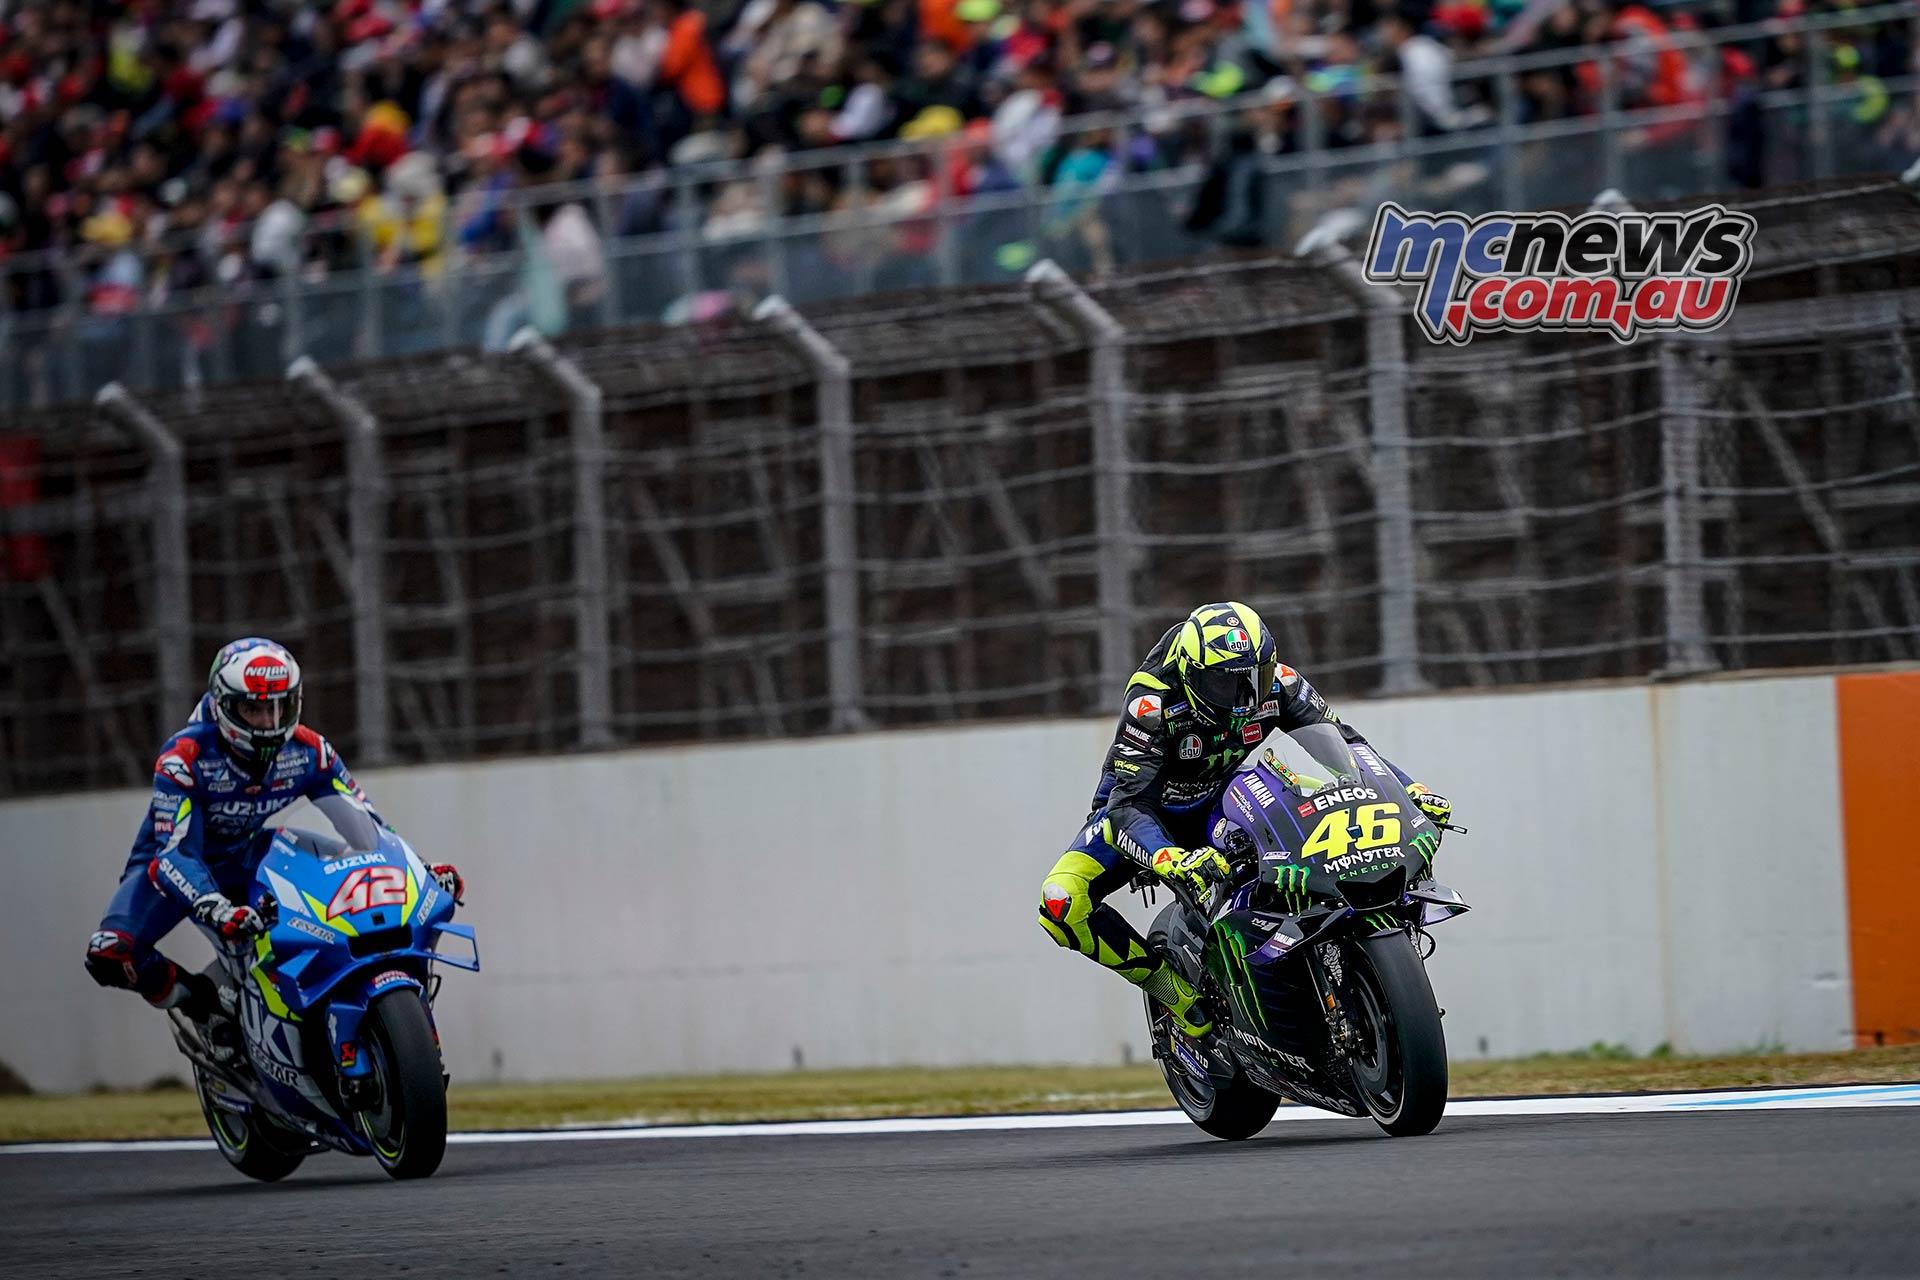 MotoGP Motegi Sat Rossi Rins